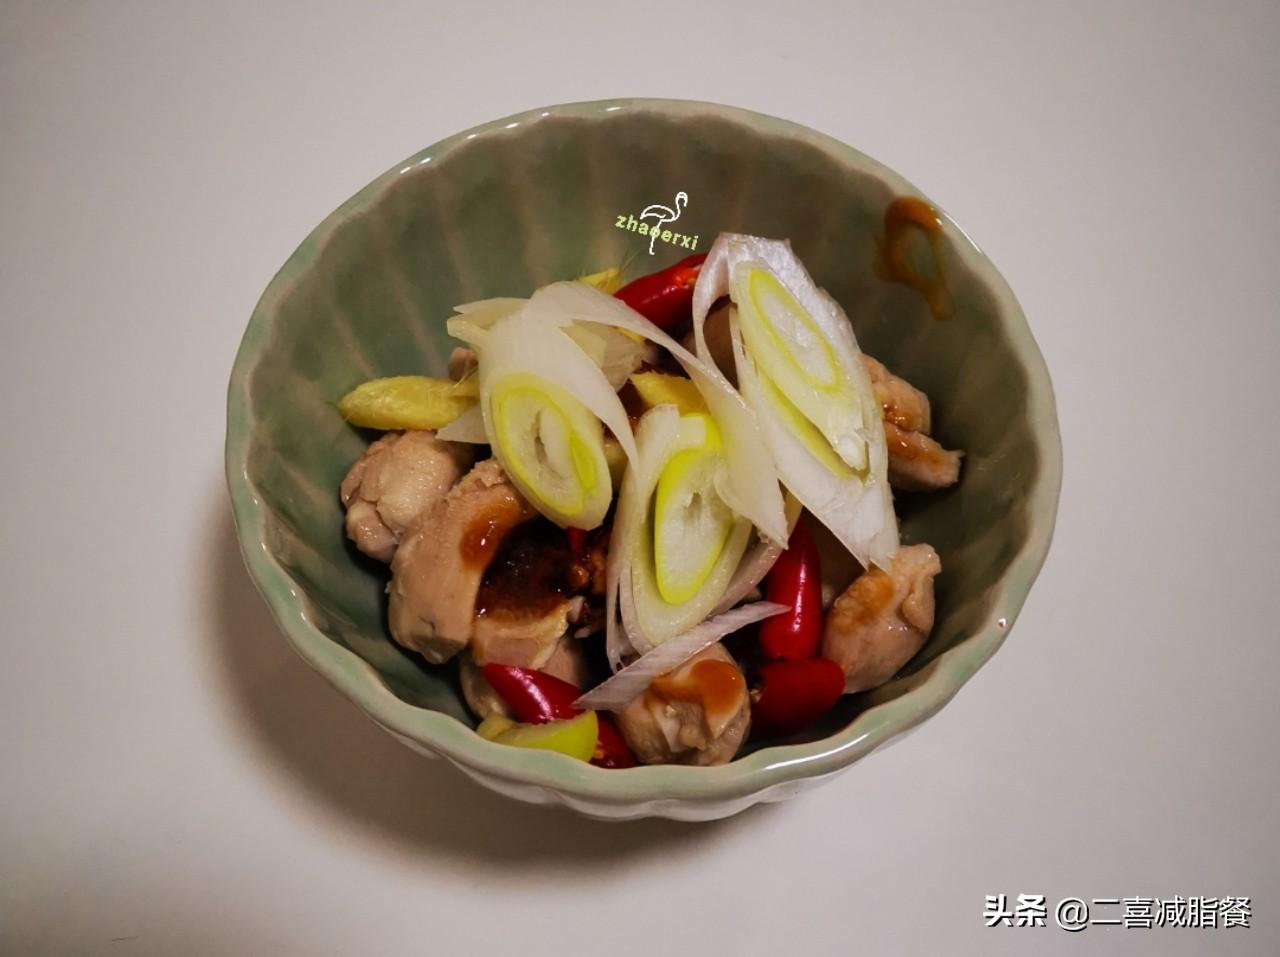 减脂的蟹味菇蒸鸡,多糖和高蛋白的完美结合 减肥菜谱做法 第2张